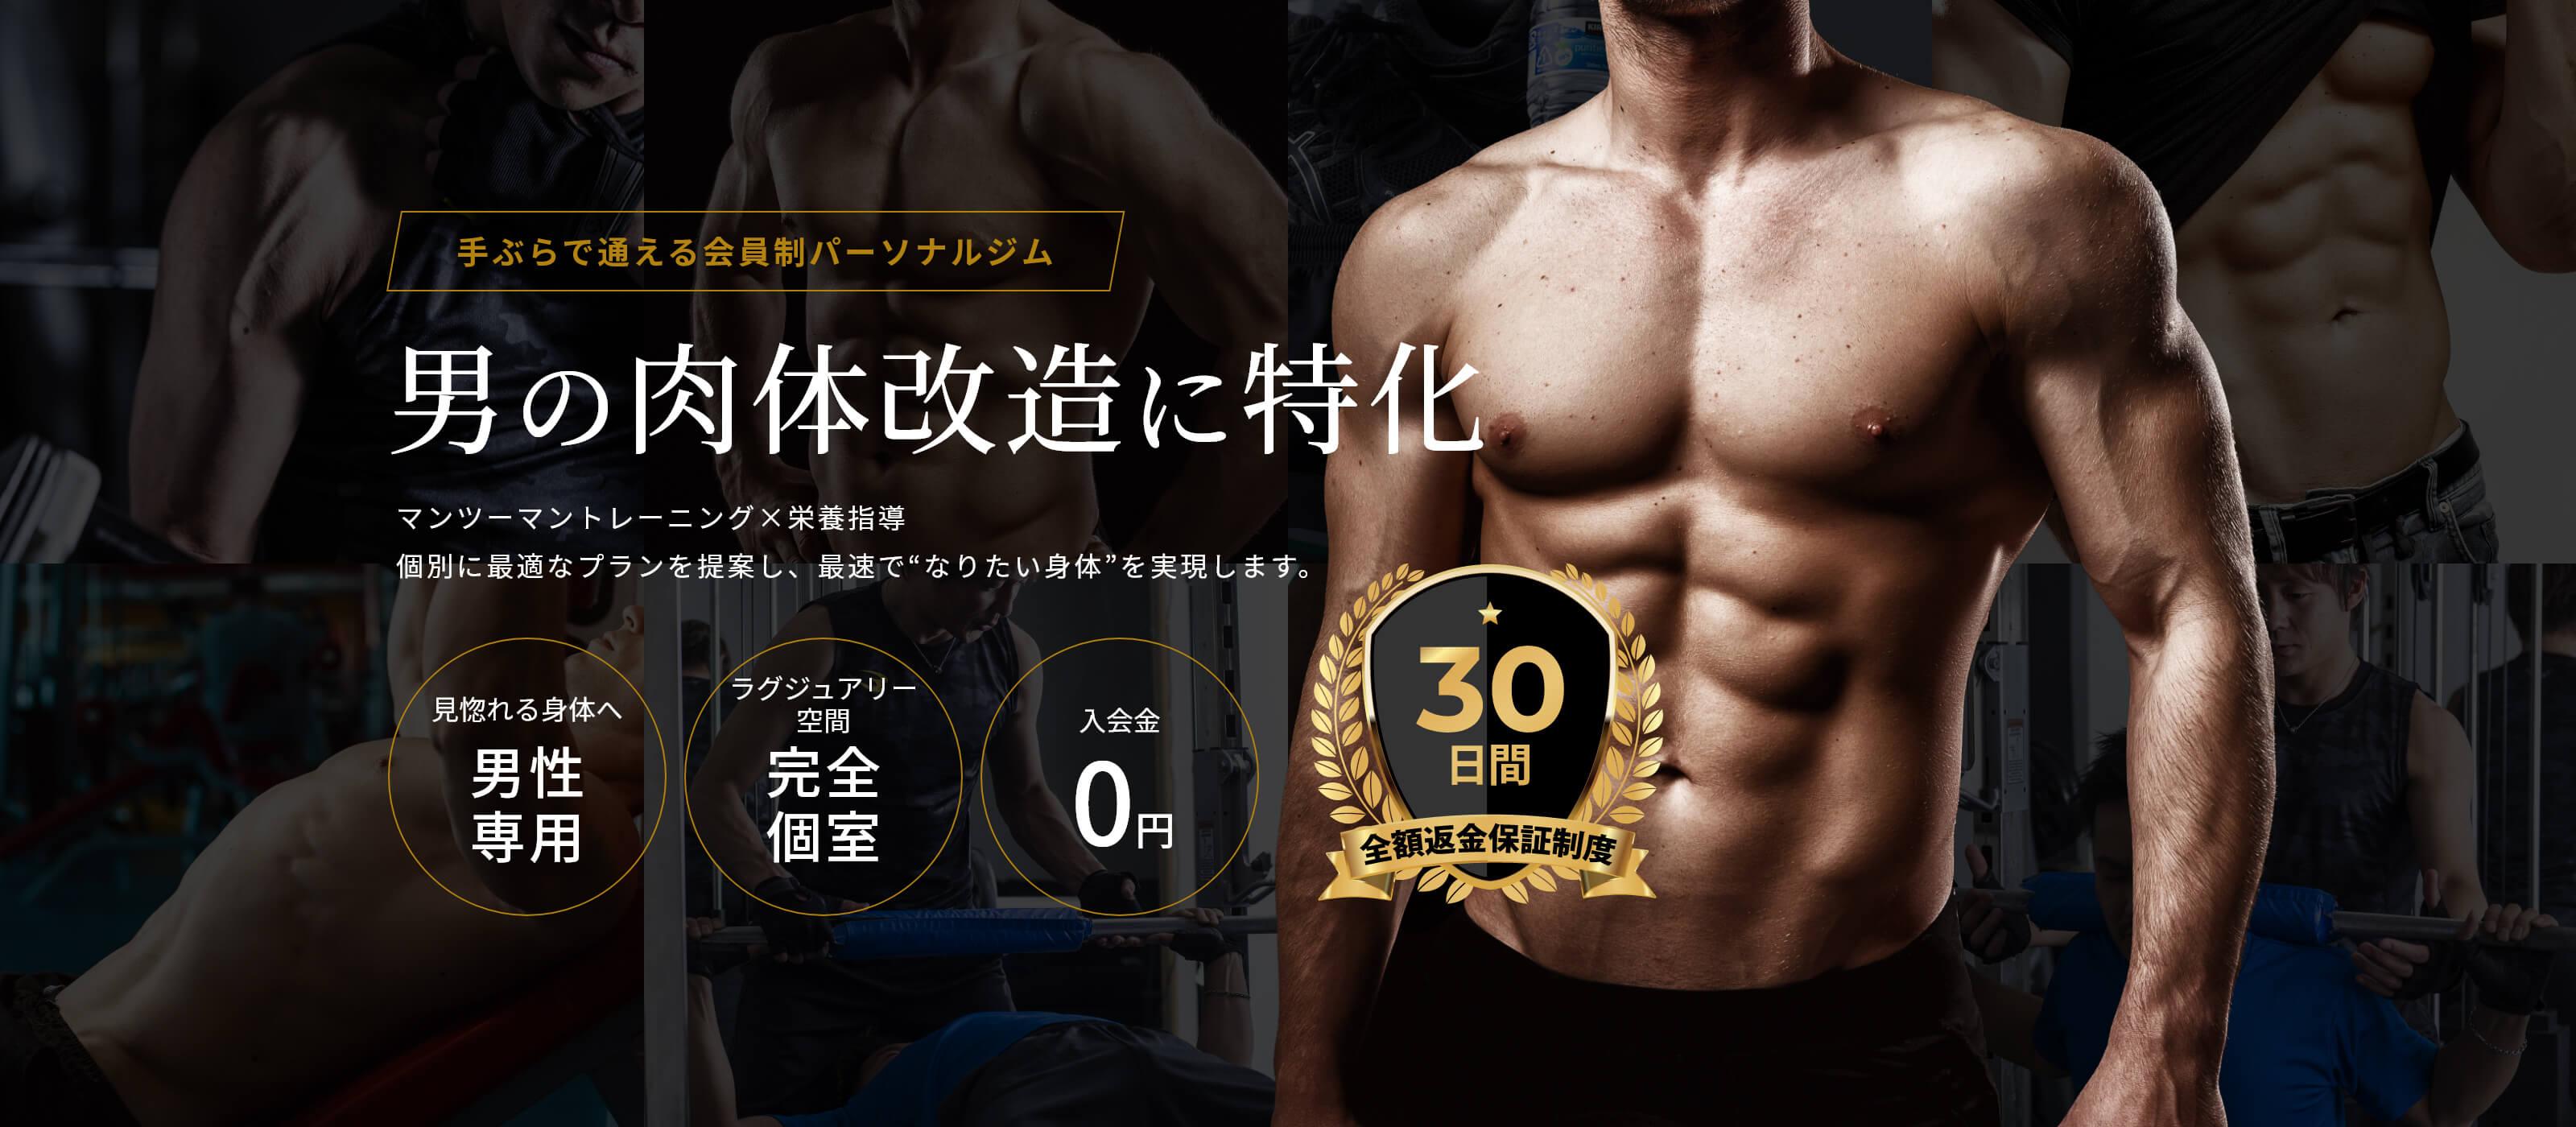 """手ぶらで通える会員制パーソナルジム マンツーマントーレーニング×栄養指導 男の肉体改造に特化 個別に最適なプランを提案し、最速で""""なりたい身体""""を実現します。 見惚れる身体へ 男性専用 ラグジュアリー空間 完全個室 入会金 0円"""